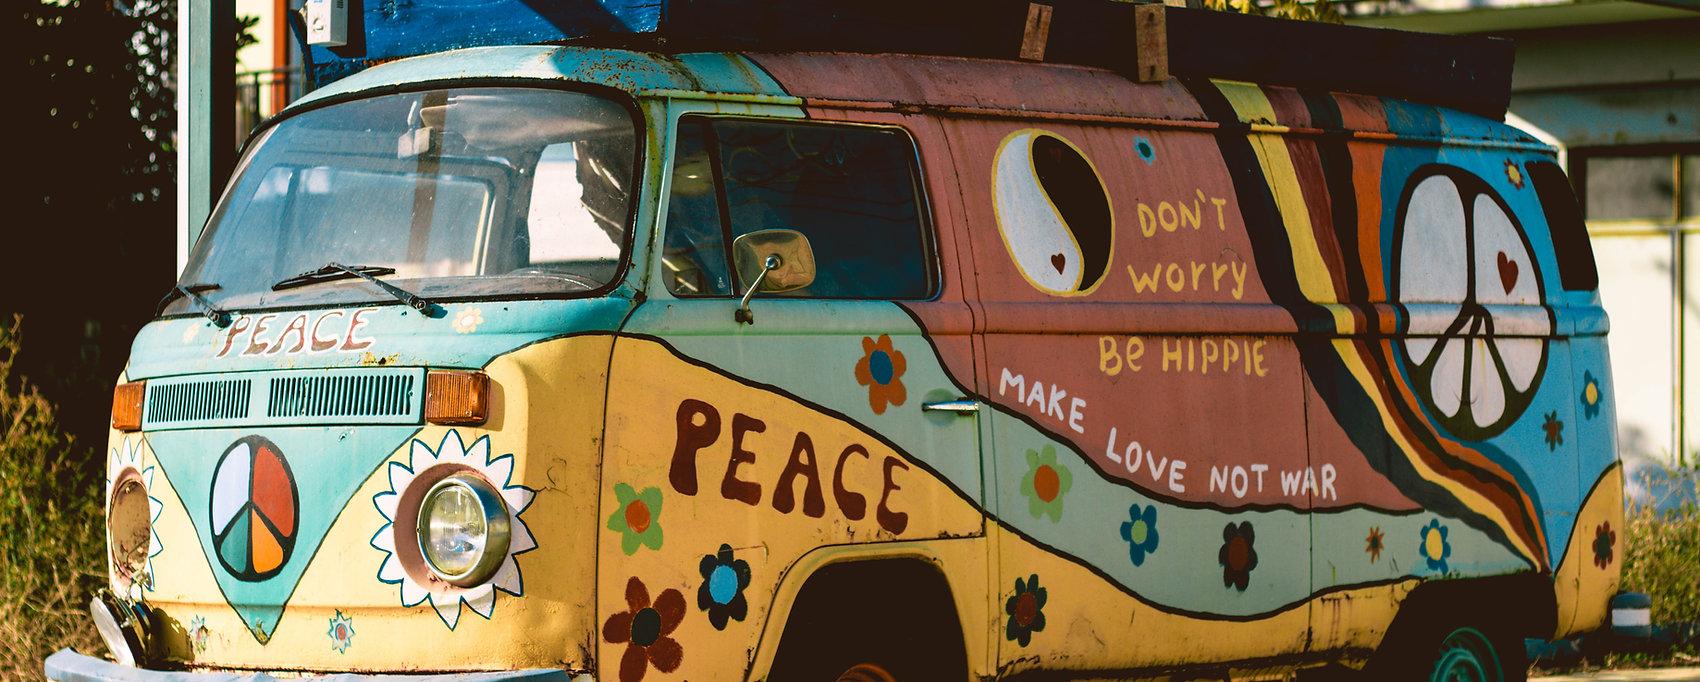 Hippie - Der Spirit des Summer of Love des Jahres 1967 | Anders reisen, alternative Reisen, Reisetrends, außergewöhnliche Reisen, exklusive Reisen